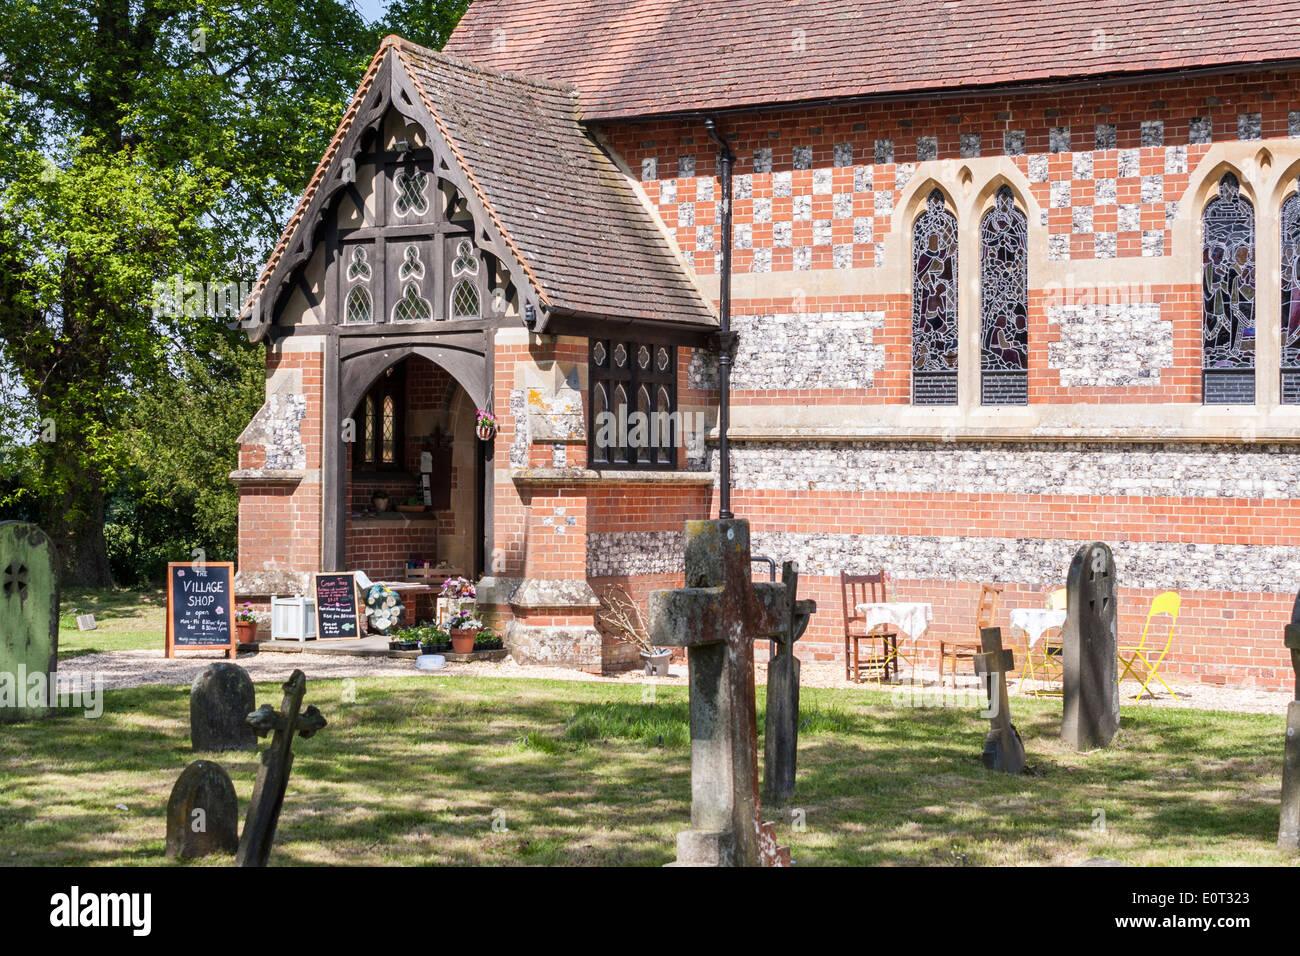 Ingresso al villaggio comunità shop nella chiesa parrocchiale, Beech Hill, Reading, Berkshire, Inghilterra, GB, UK. Immagini Stock